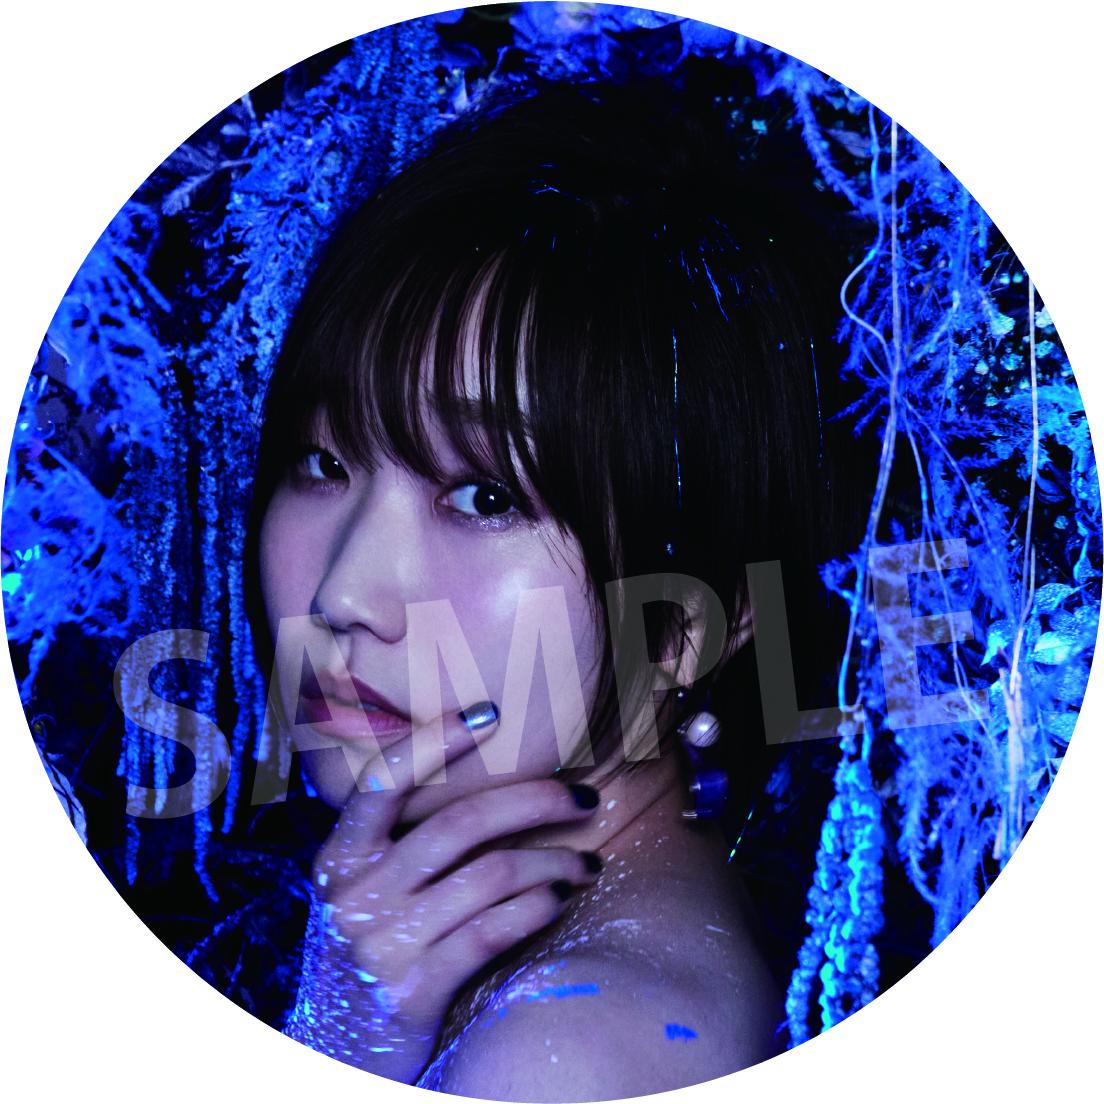 田所あずささんの初のセルフプロデュースアルバム『Waver』発売記念インタビュー|「ゆらぎ」をテーマにした理由や本作に込めた想いとは?-5